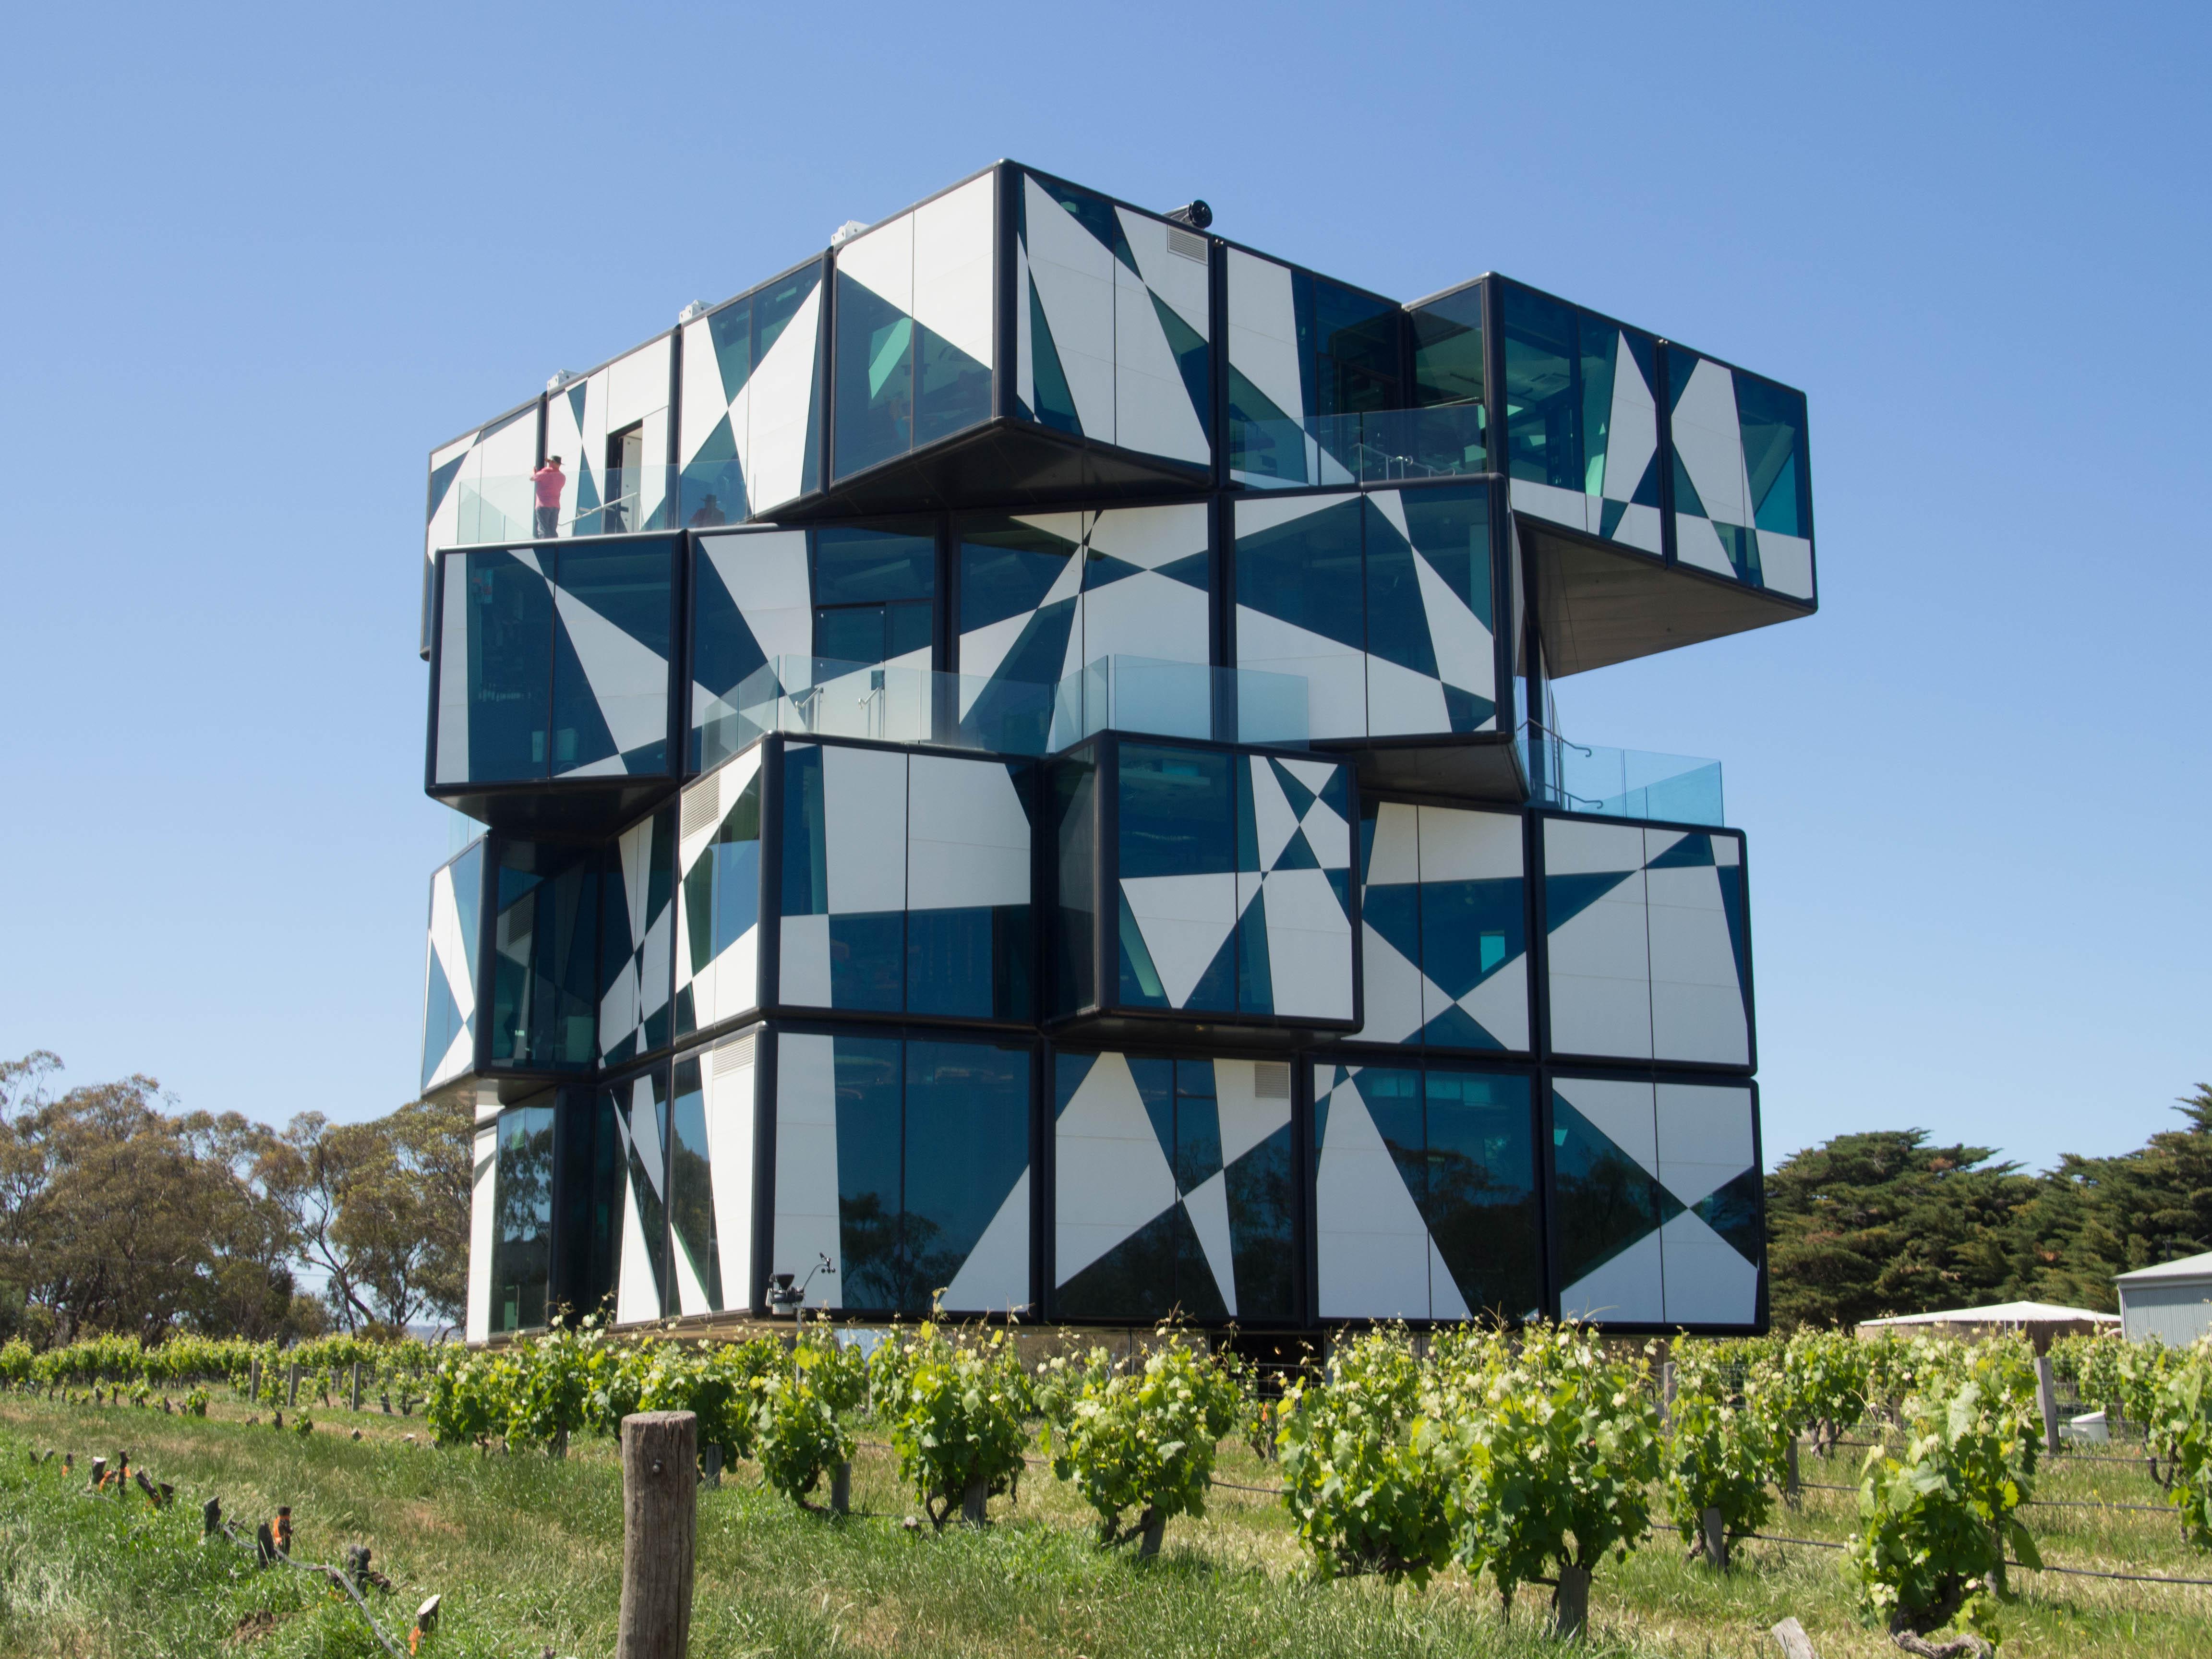 D'Arenburg Cube